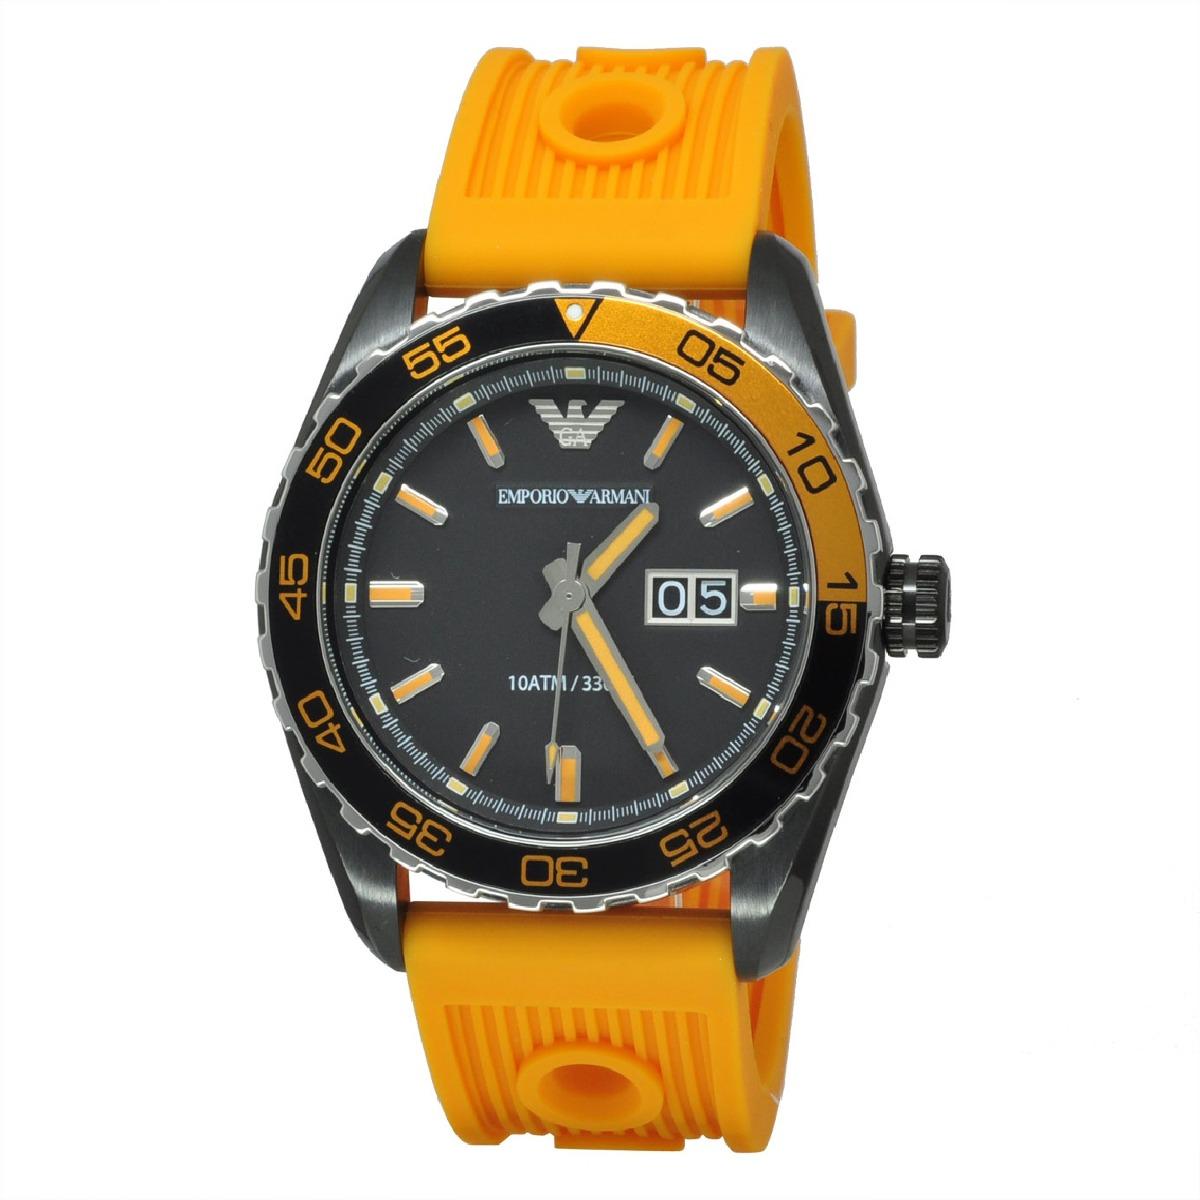 321d6b9e2843 Reloj Armani Para Hombre Ar6046 Deportivo -   1.070.550 en Mercado Libre